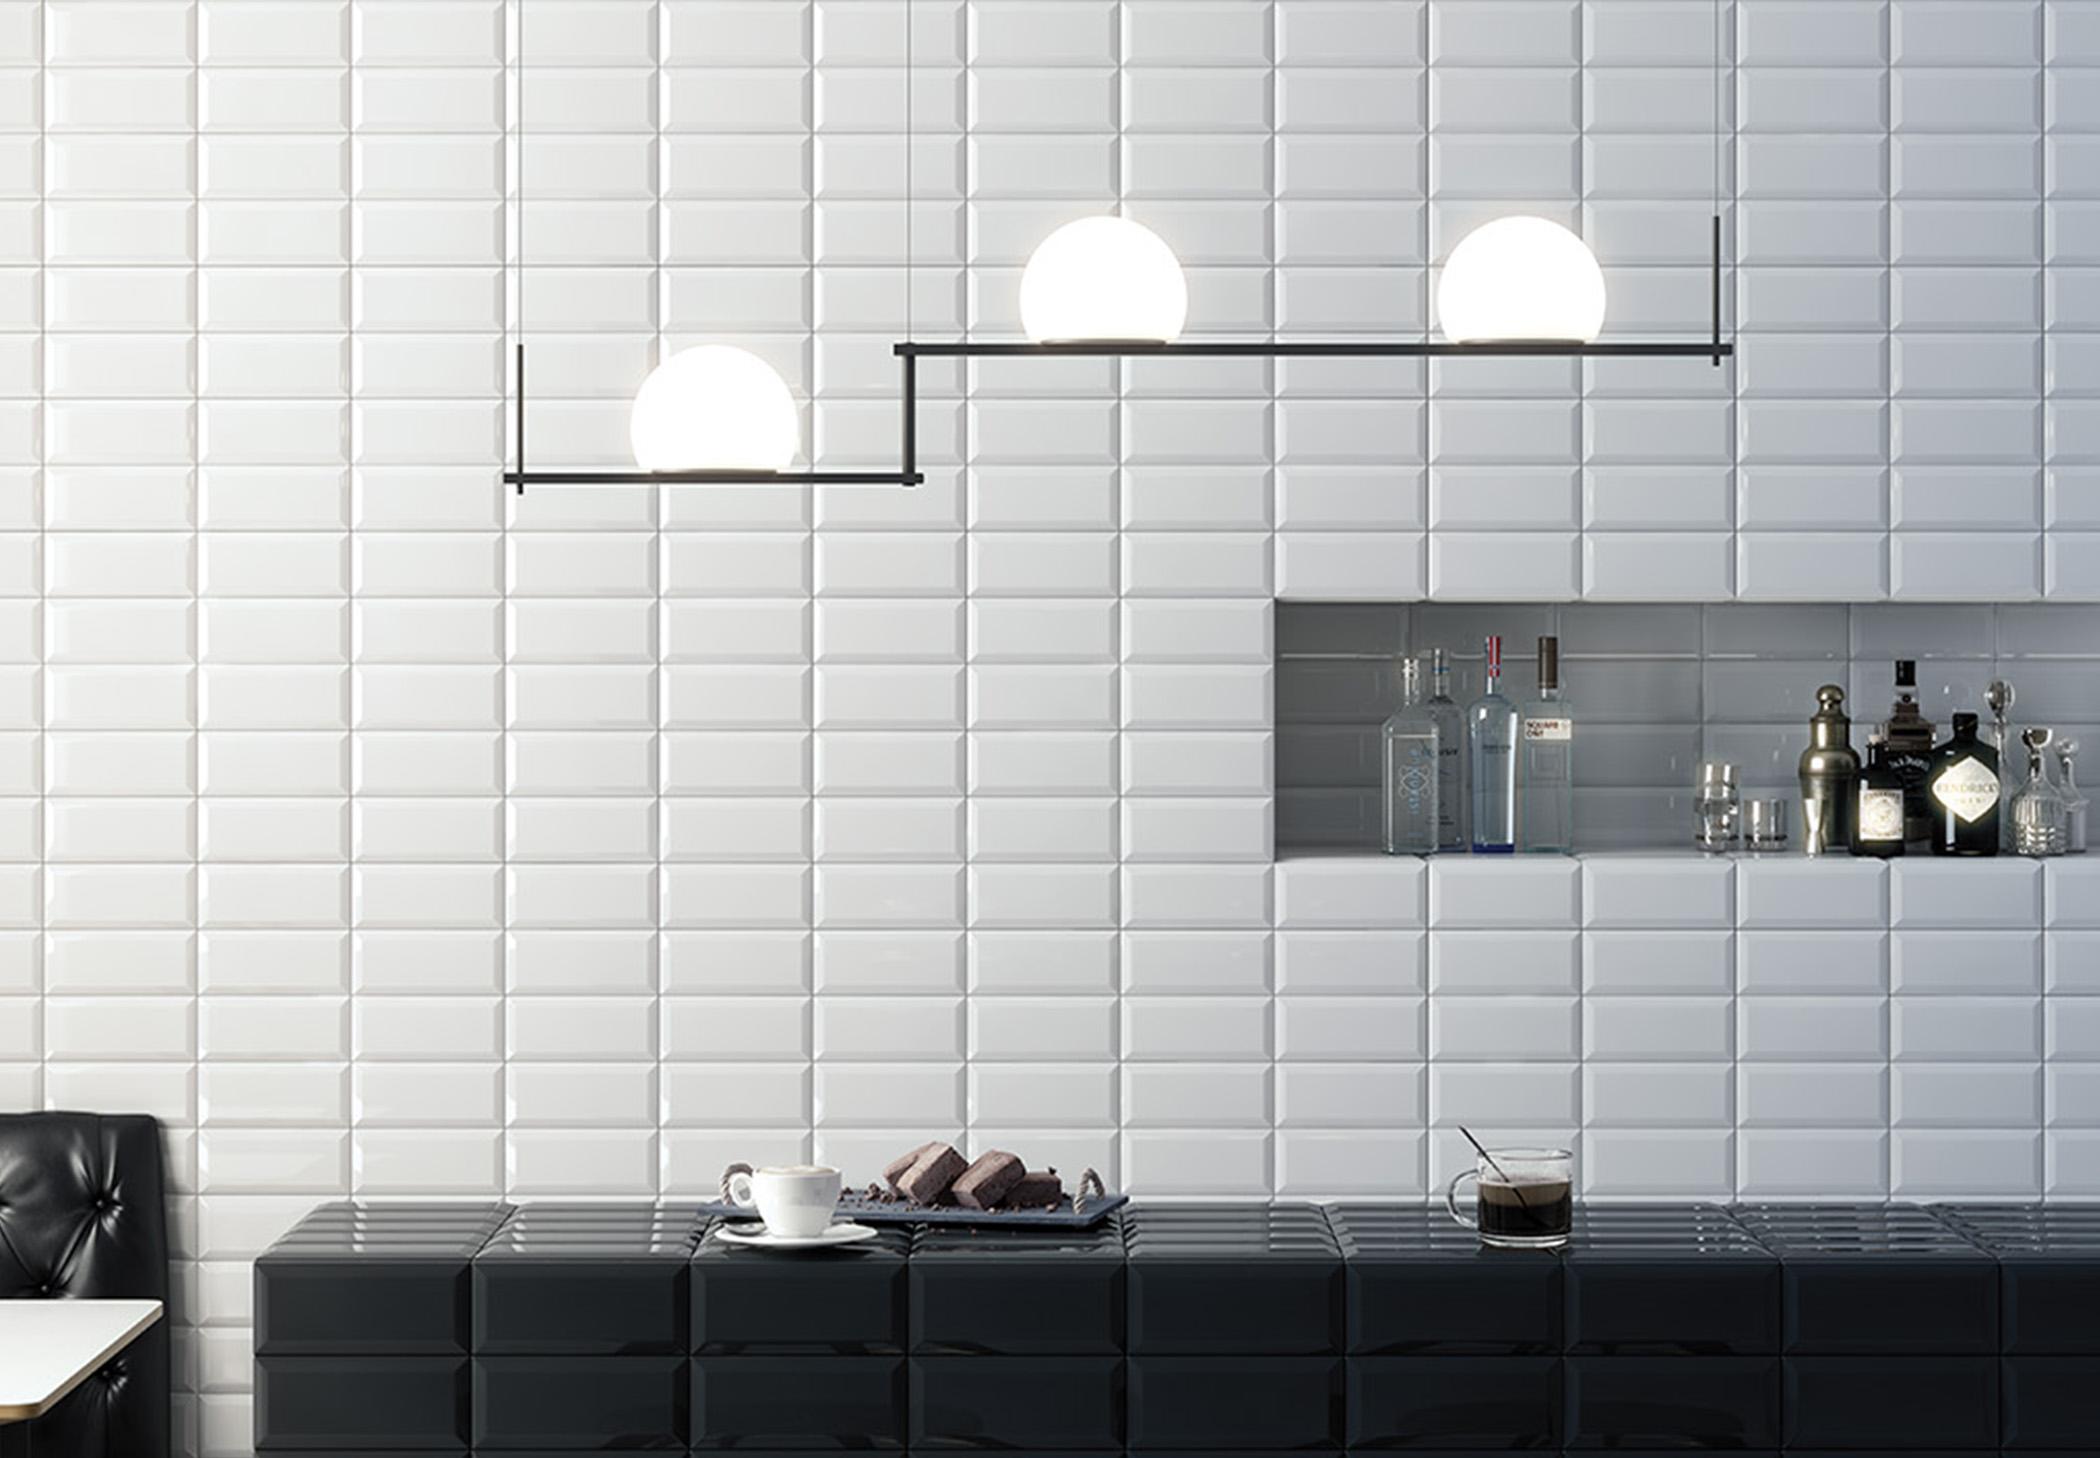 Circ A 3716 Wall Lamp Estiluz Image Ambient 01